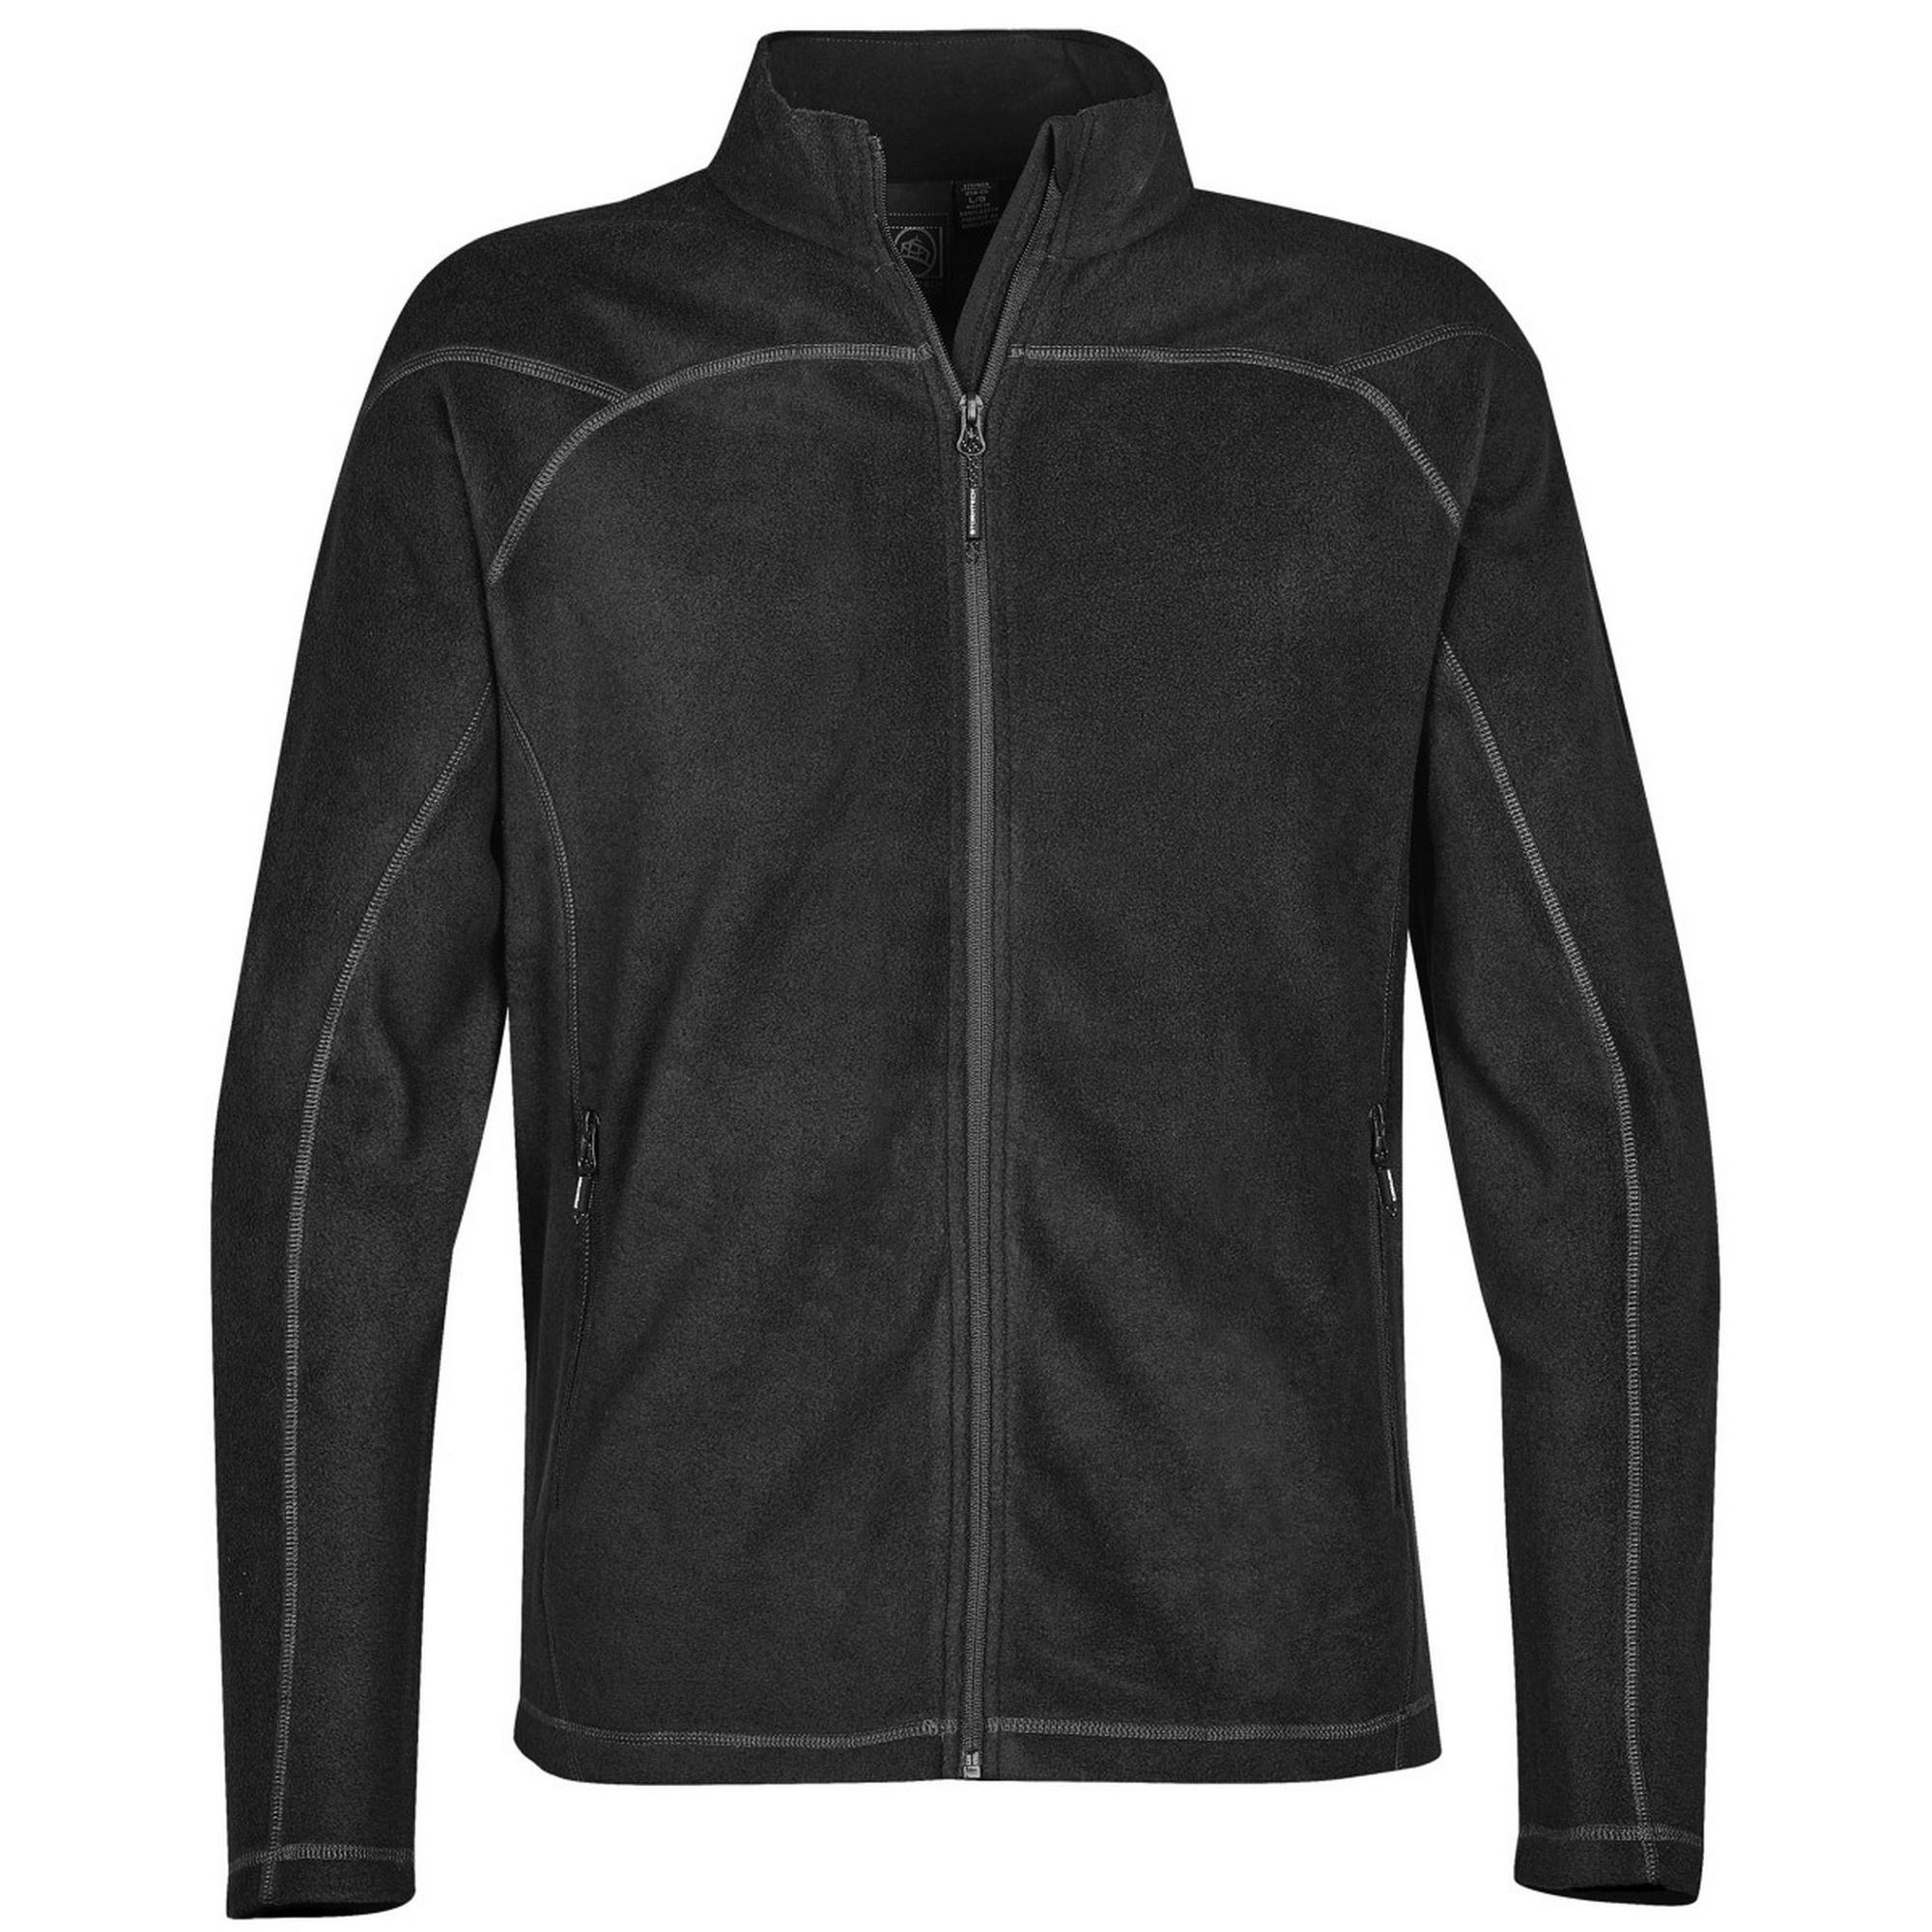 Stormtech Mens Reactor Fleece Shell Jacket (XL) (Black)